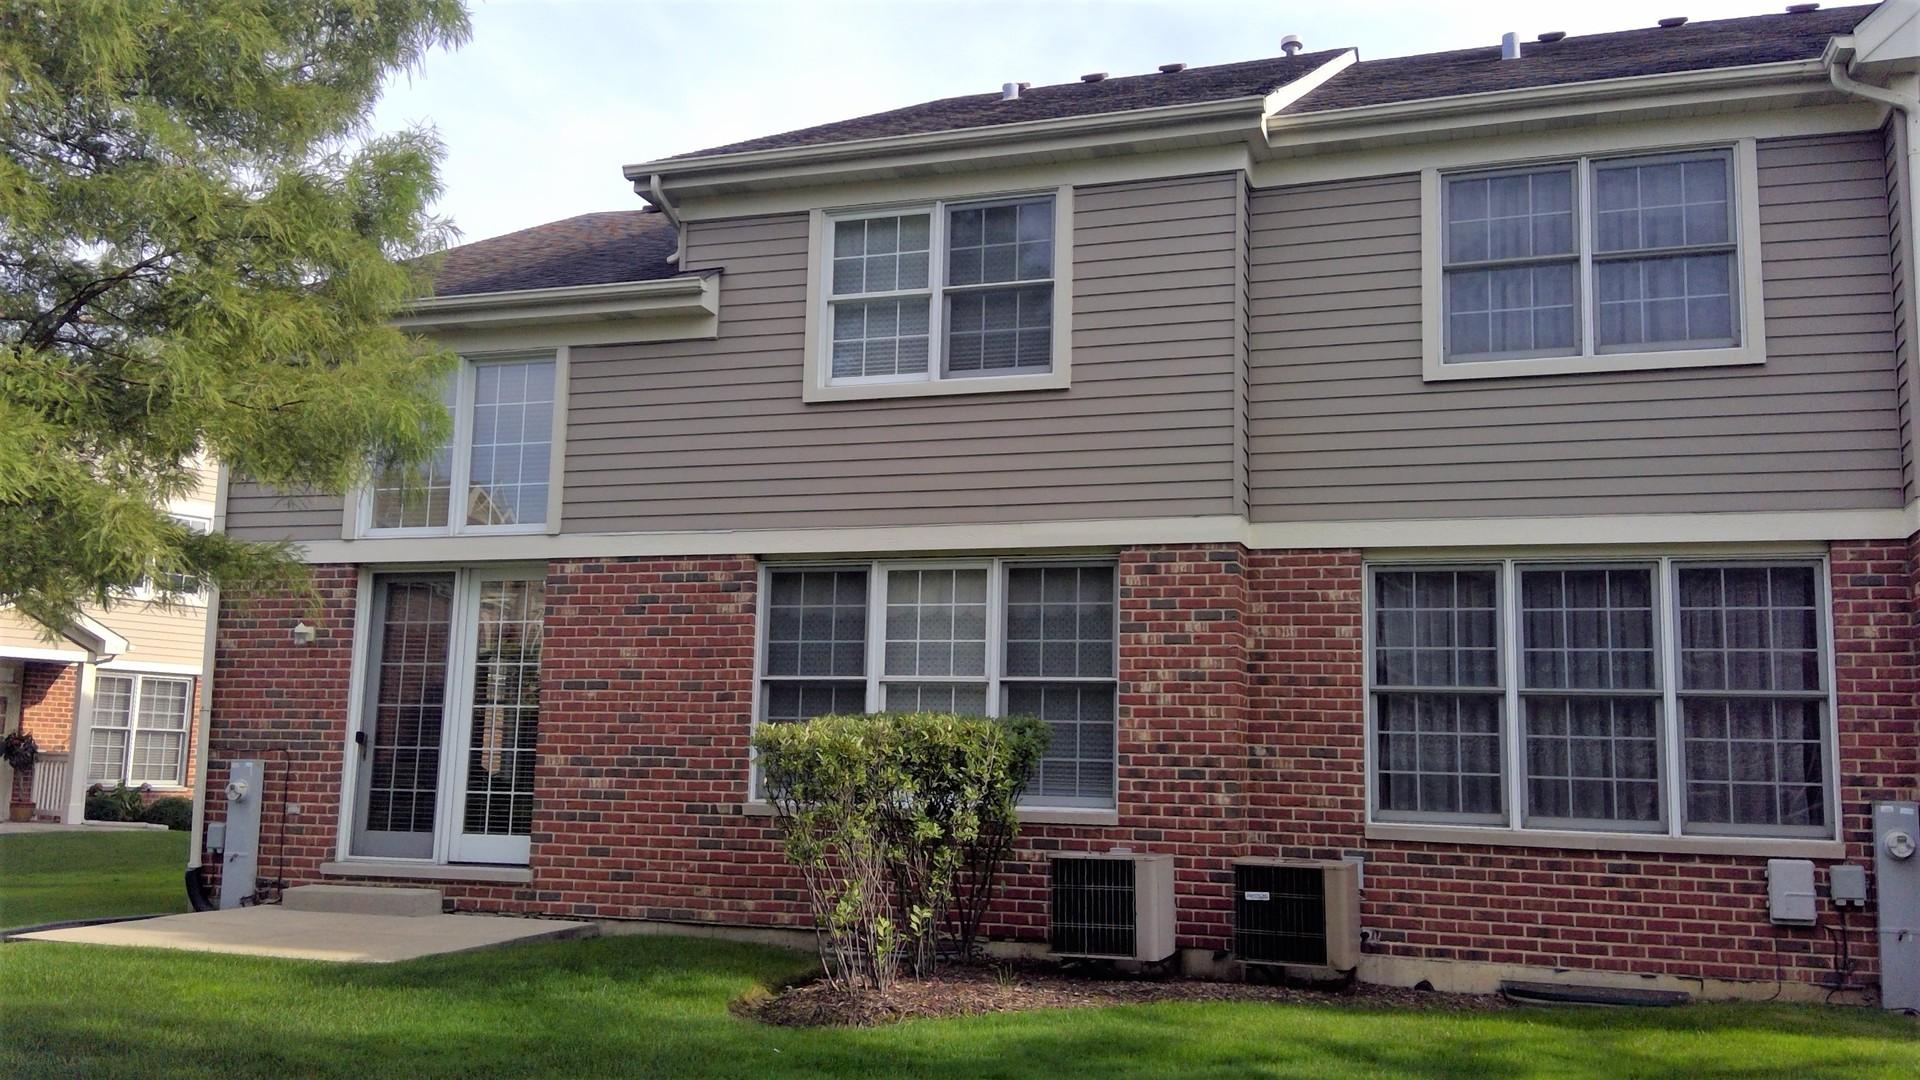 13327 Ash, Palos Heights, Illinois, 60463